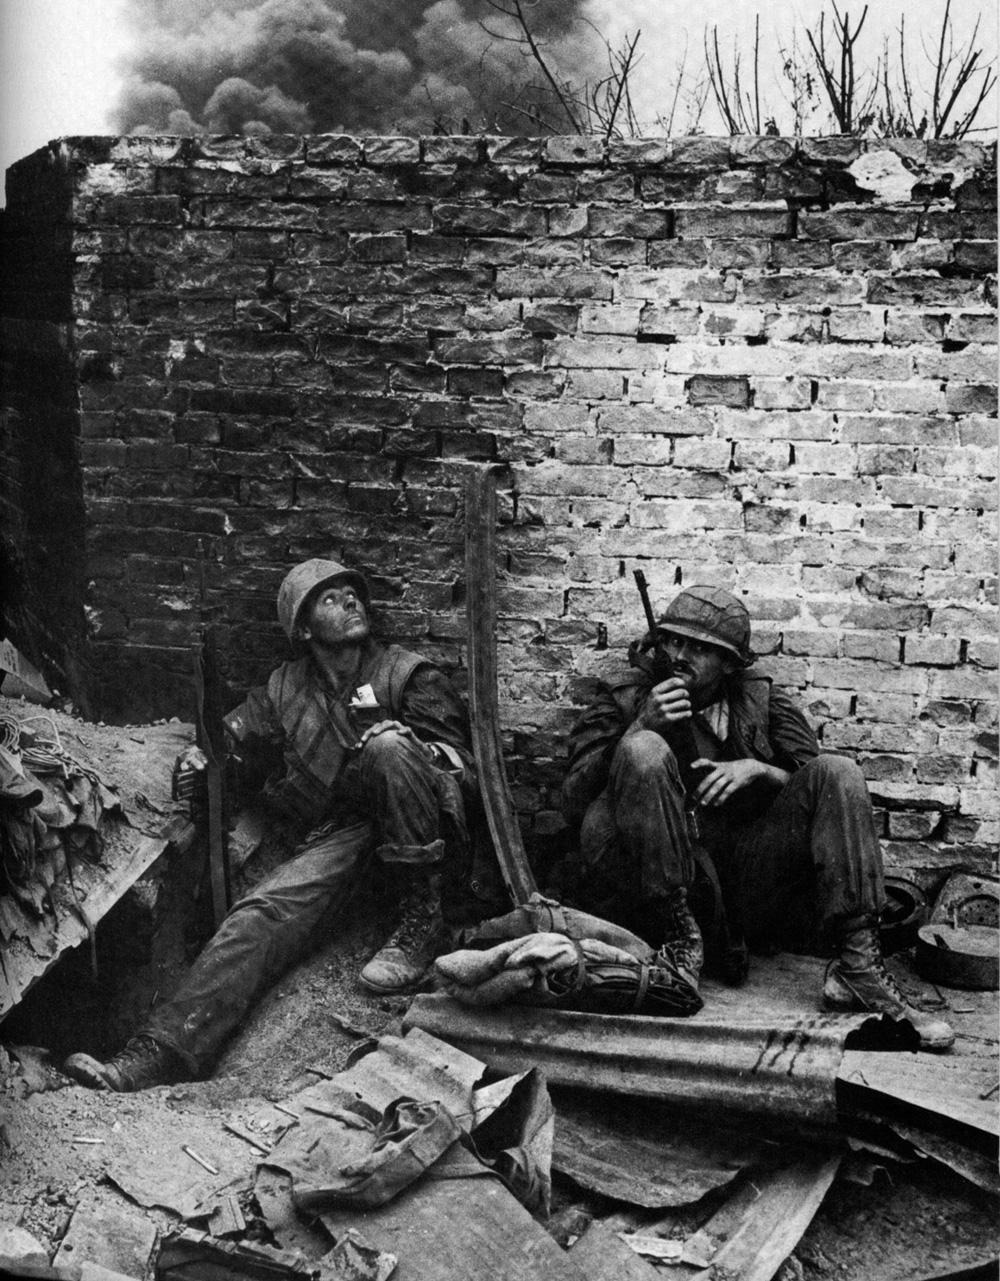 Tengerészgyalogosok egy fal fedezékében